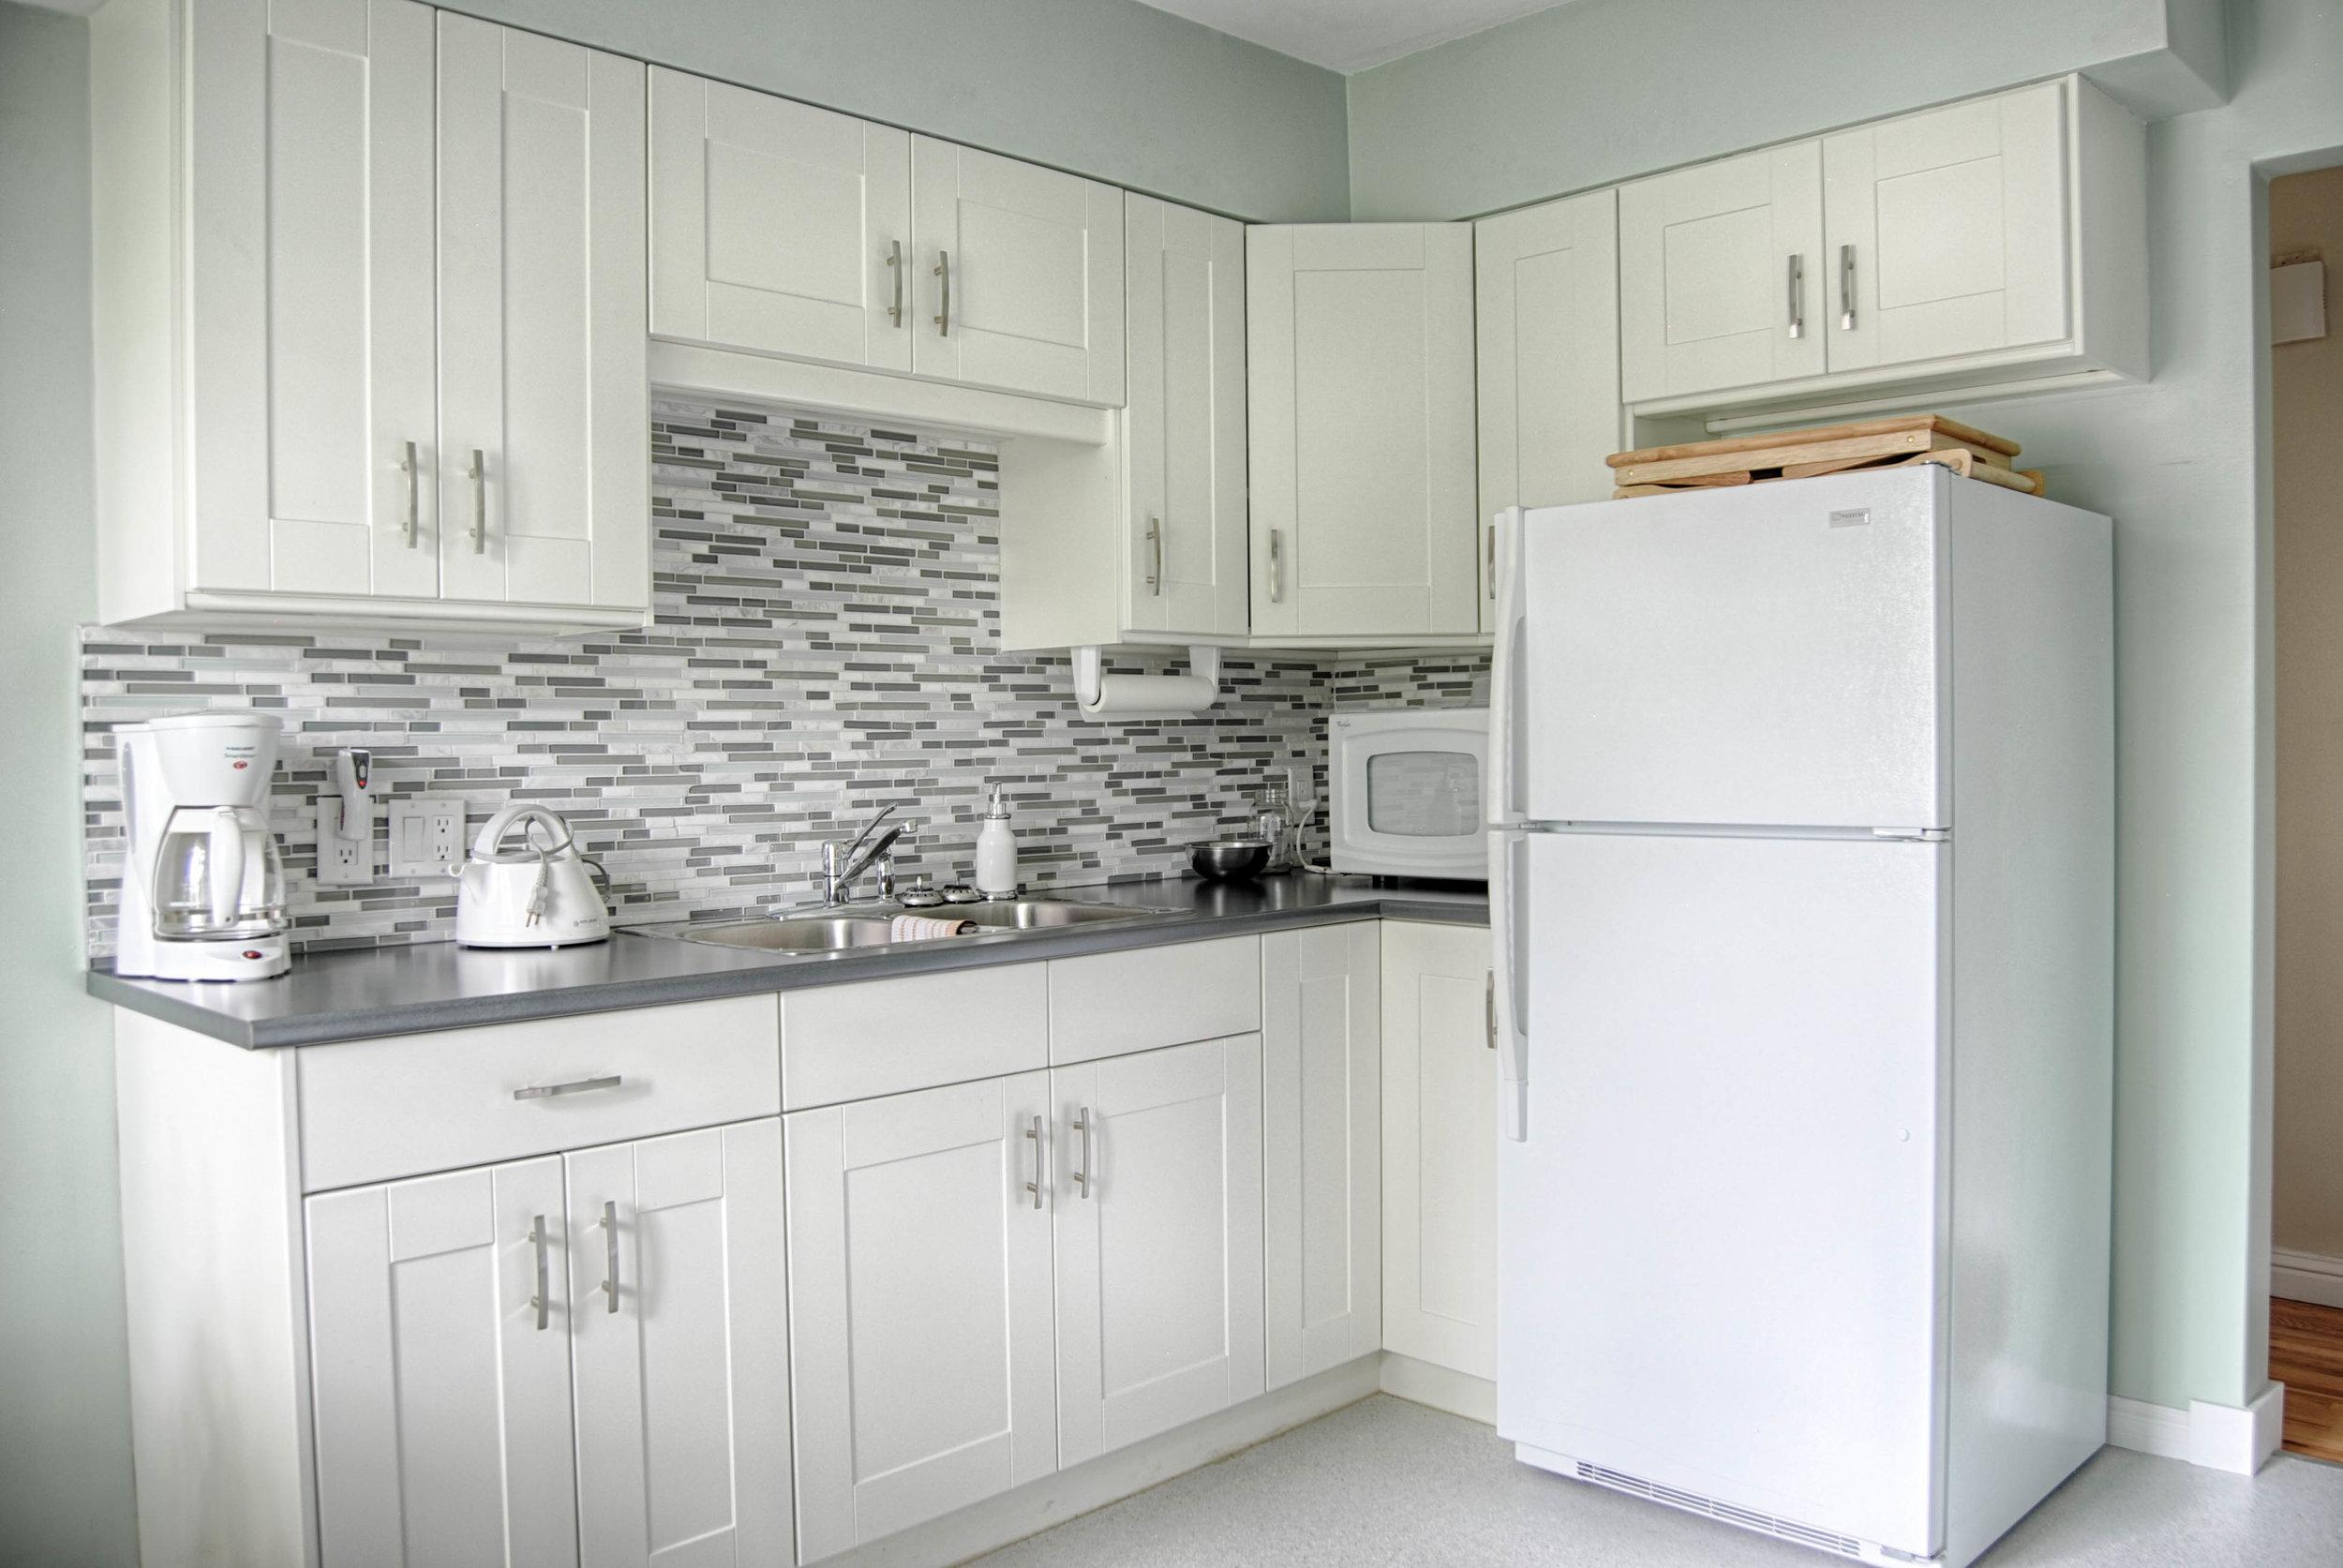 ABC_Kitchen01.jpg